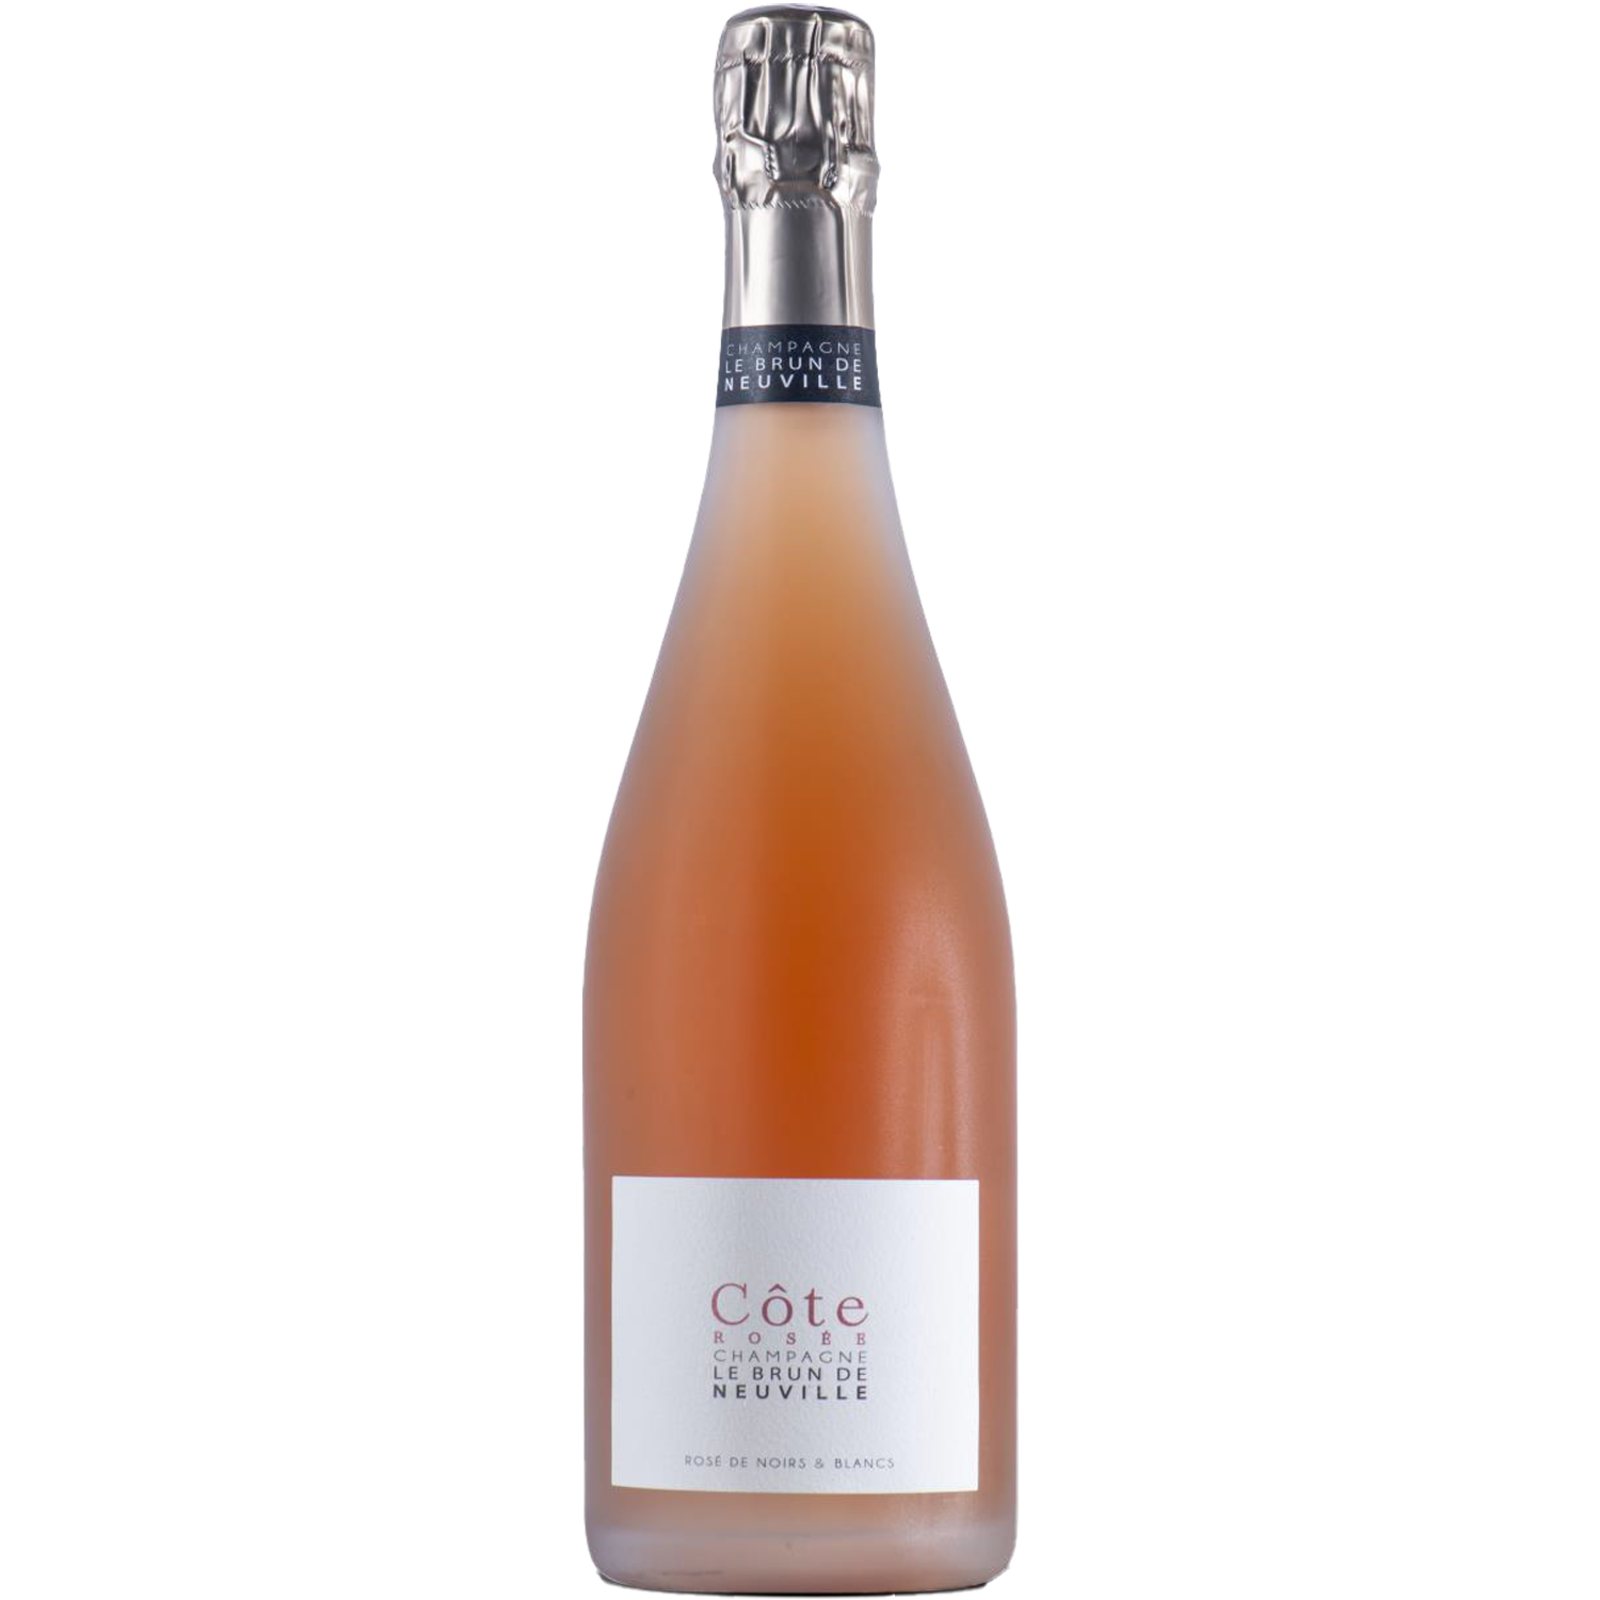 Le Brun de Neuville Le Brun de Neuville Champagne Côte Rosée Brut (0,375)